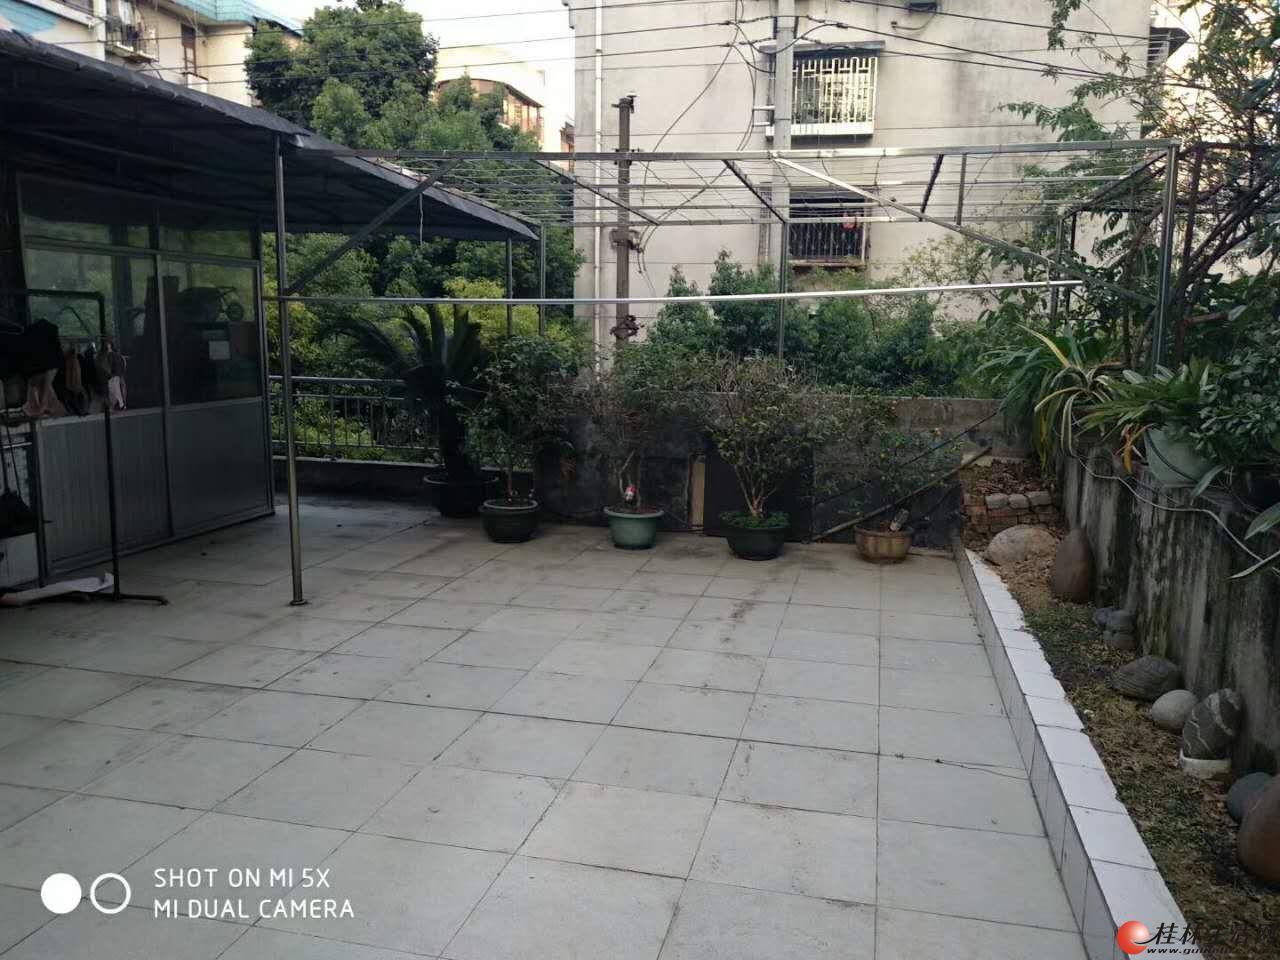 彩虹小区3房2厅带平台大花园